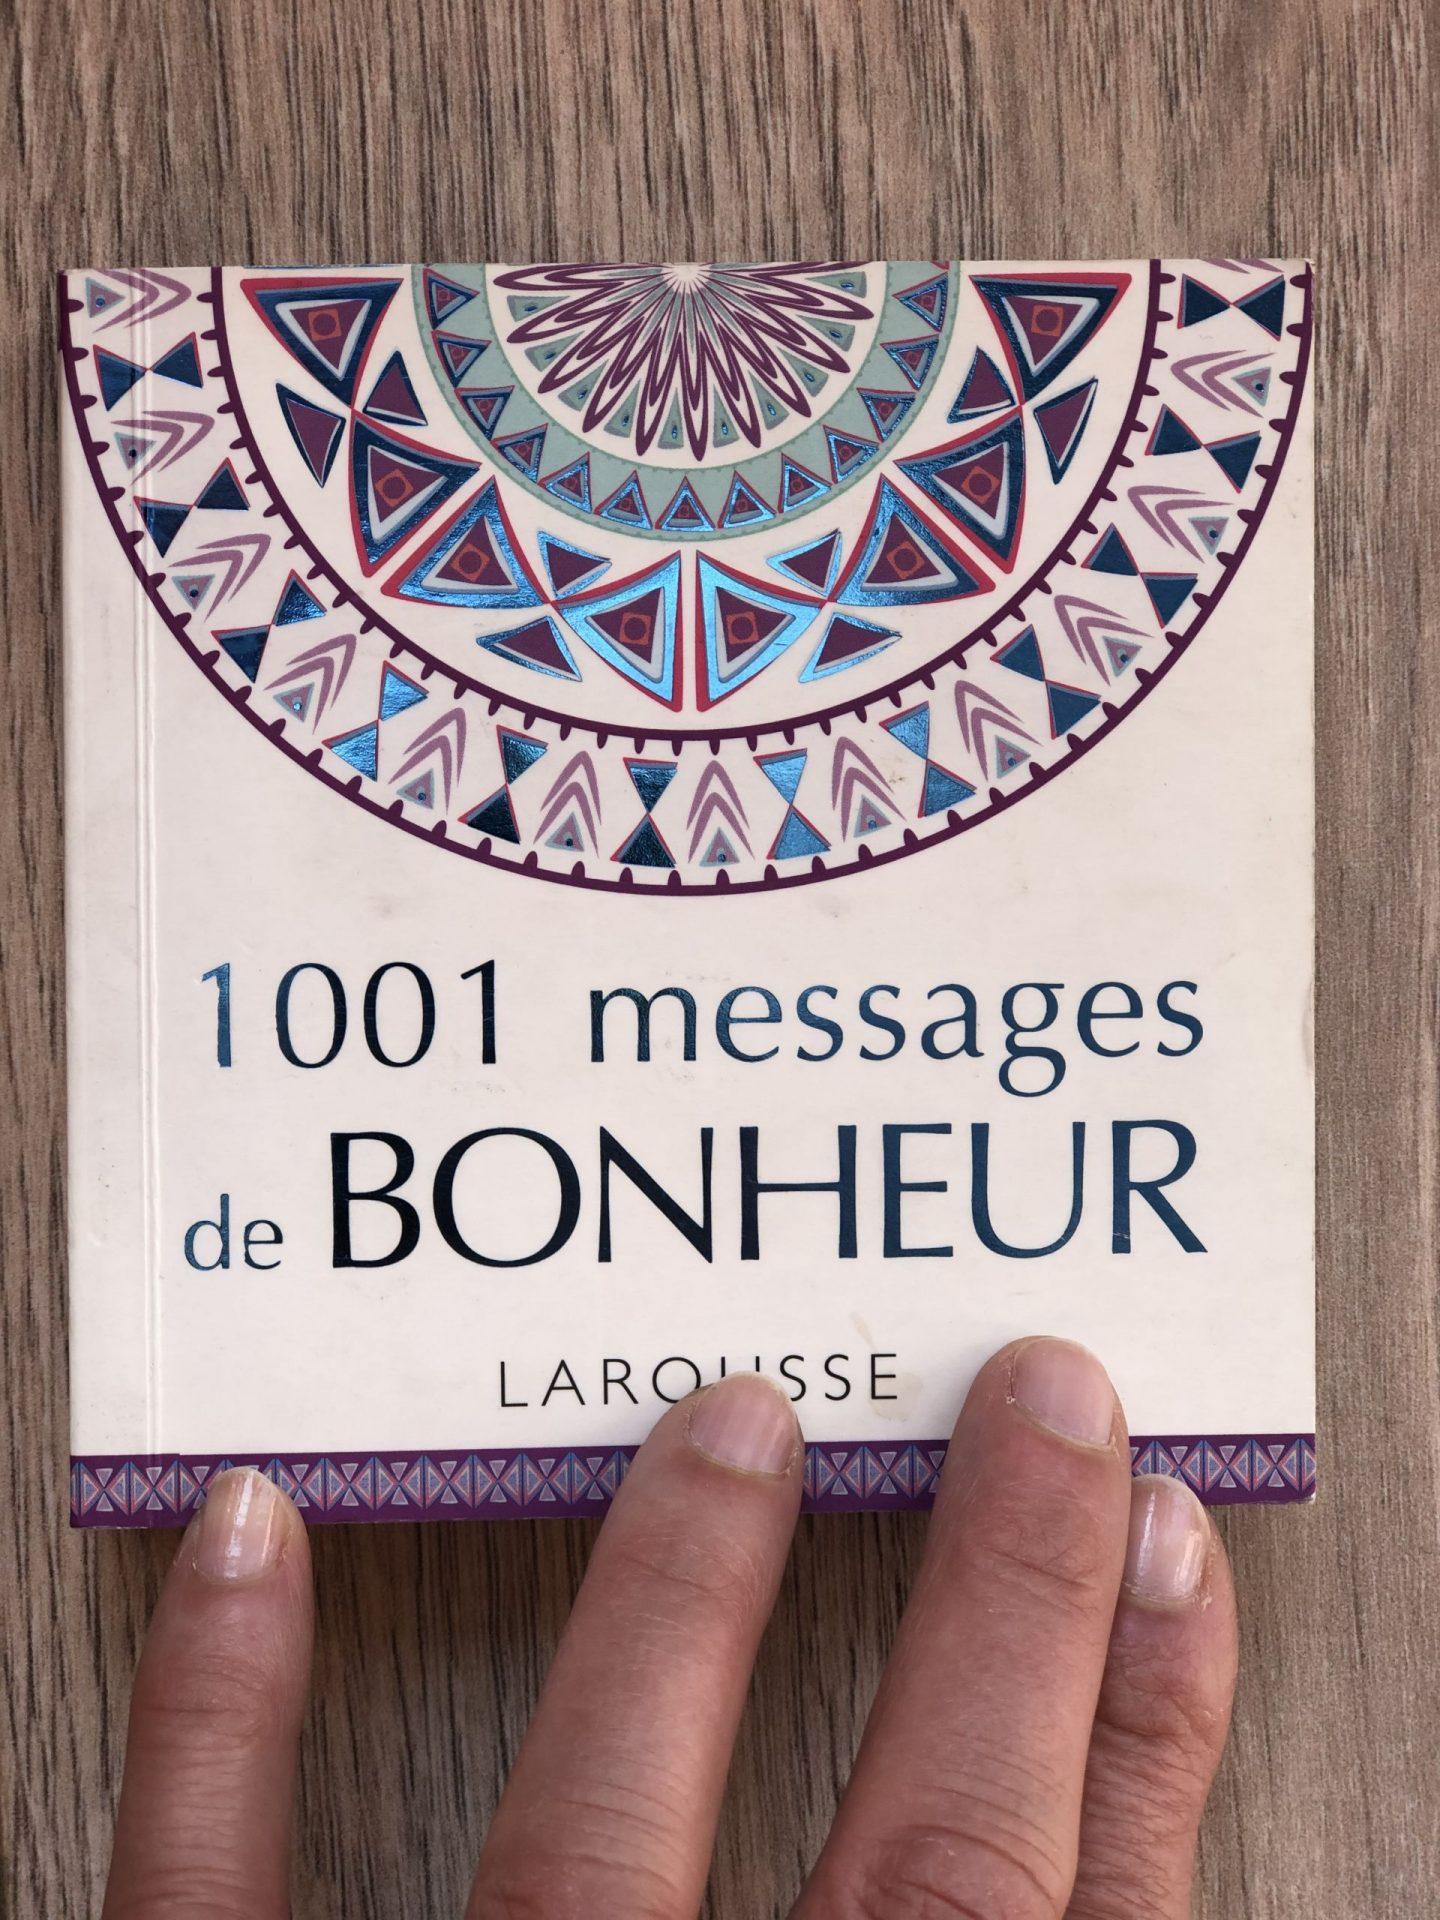 1001 MESSAGES DE BONHEUR LAROUSSE